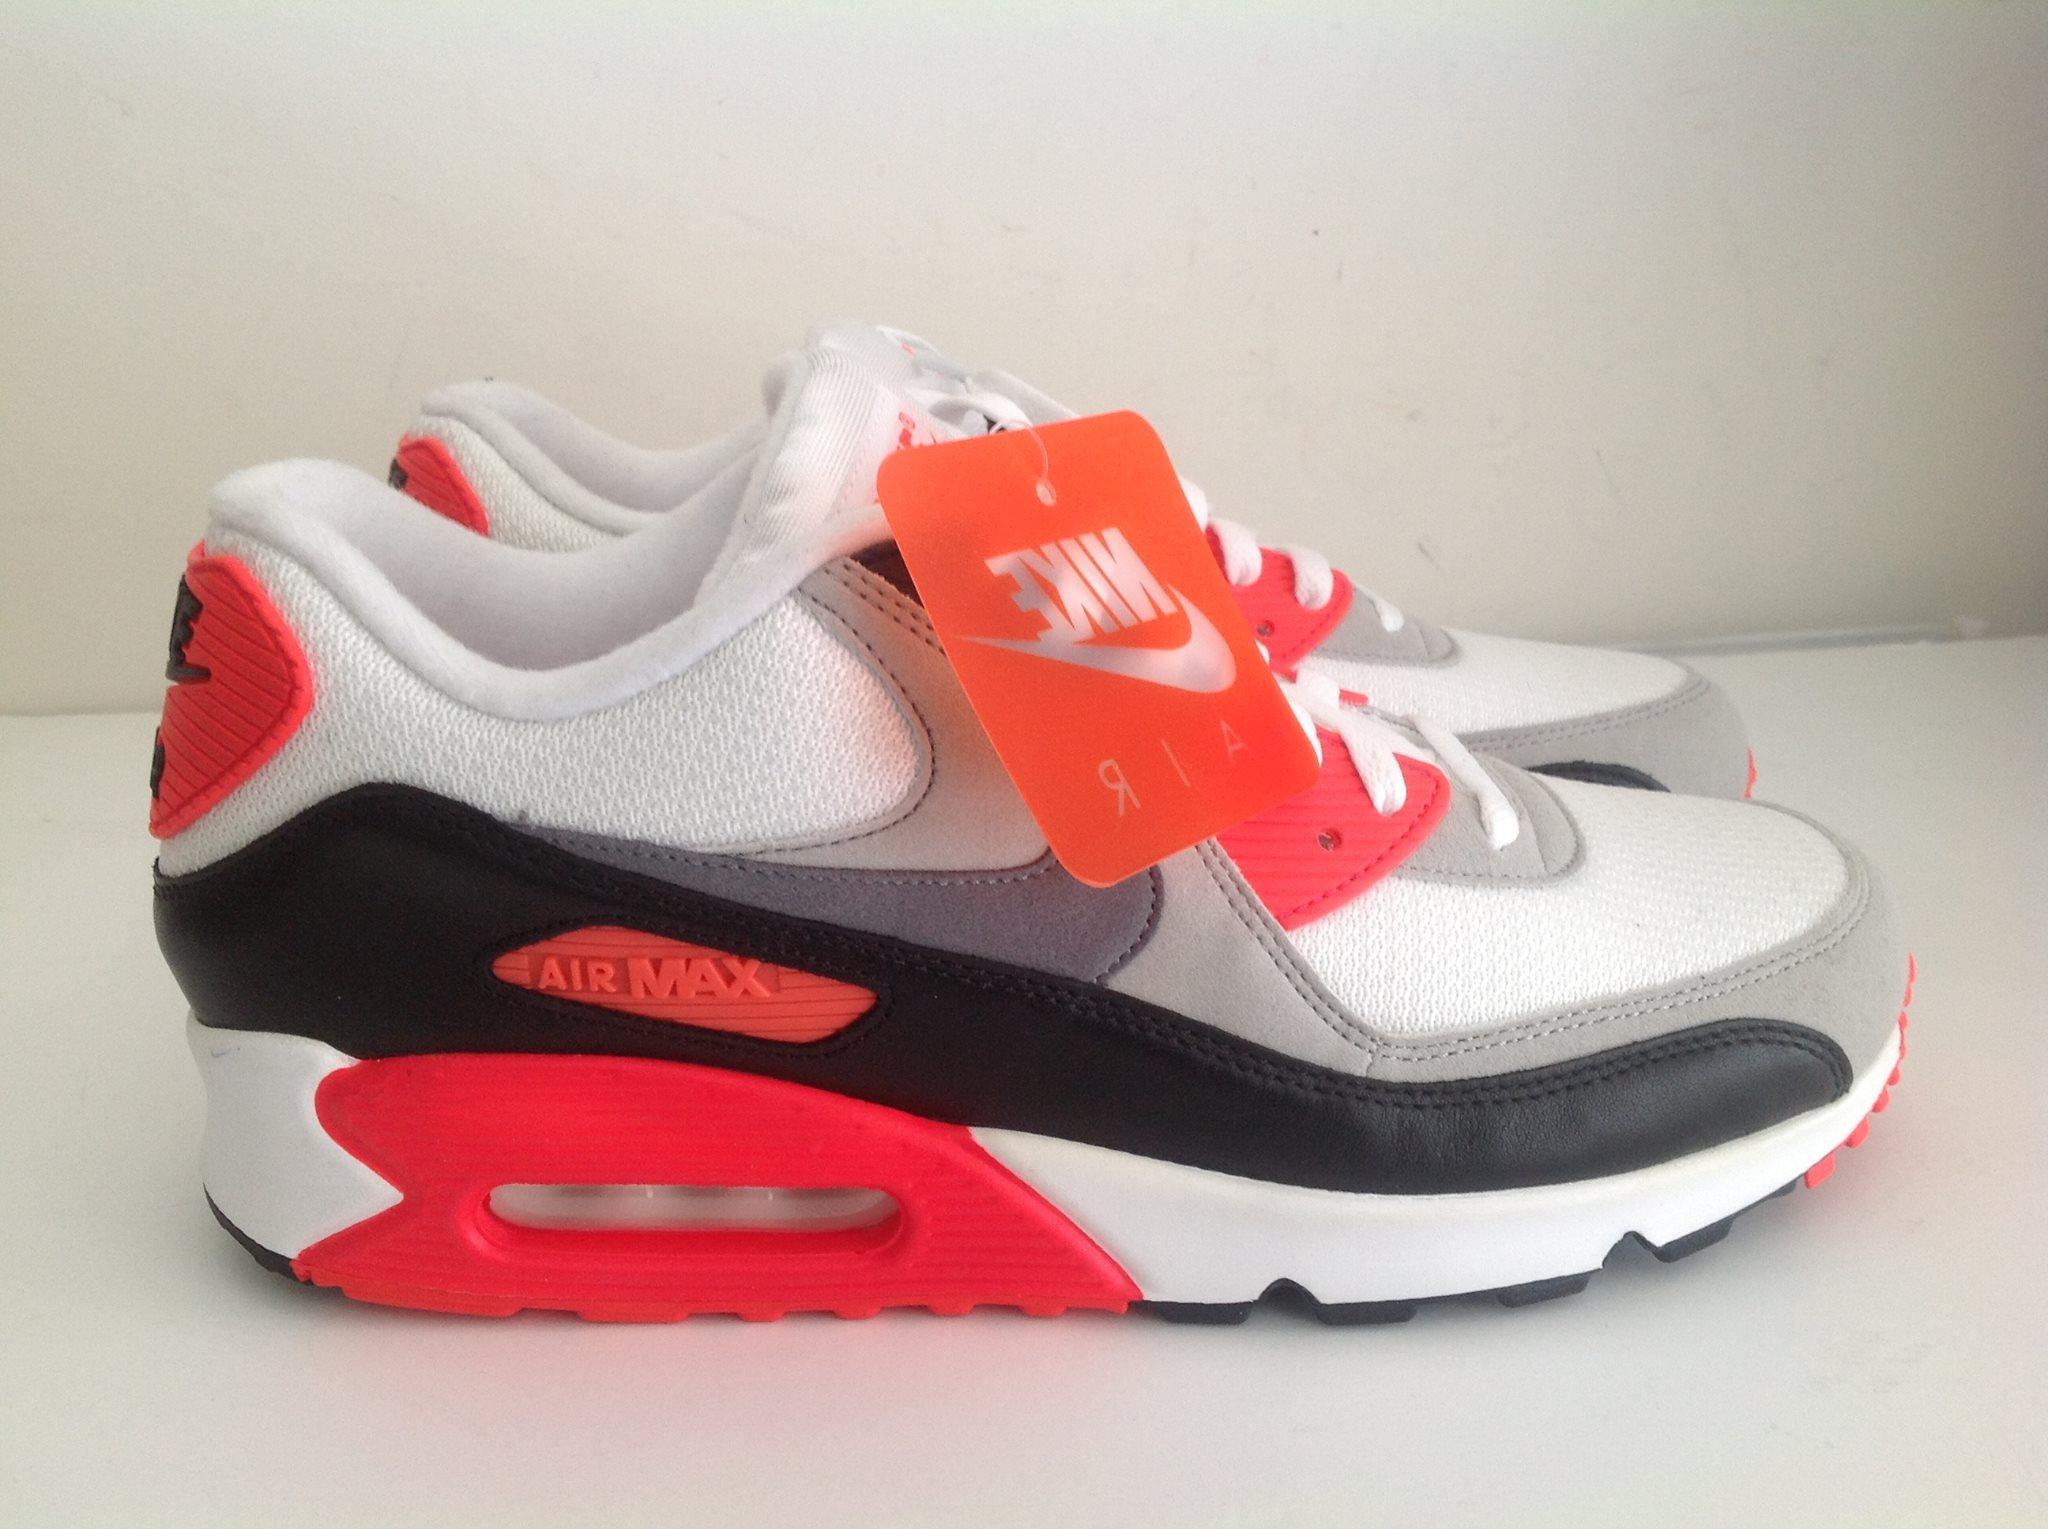 725233 106 Nike Air Max 90 Og Infrared Men Women